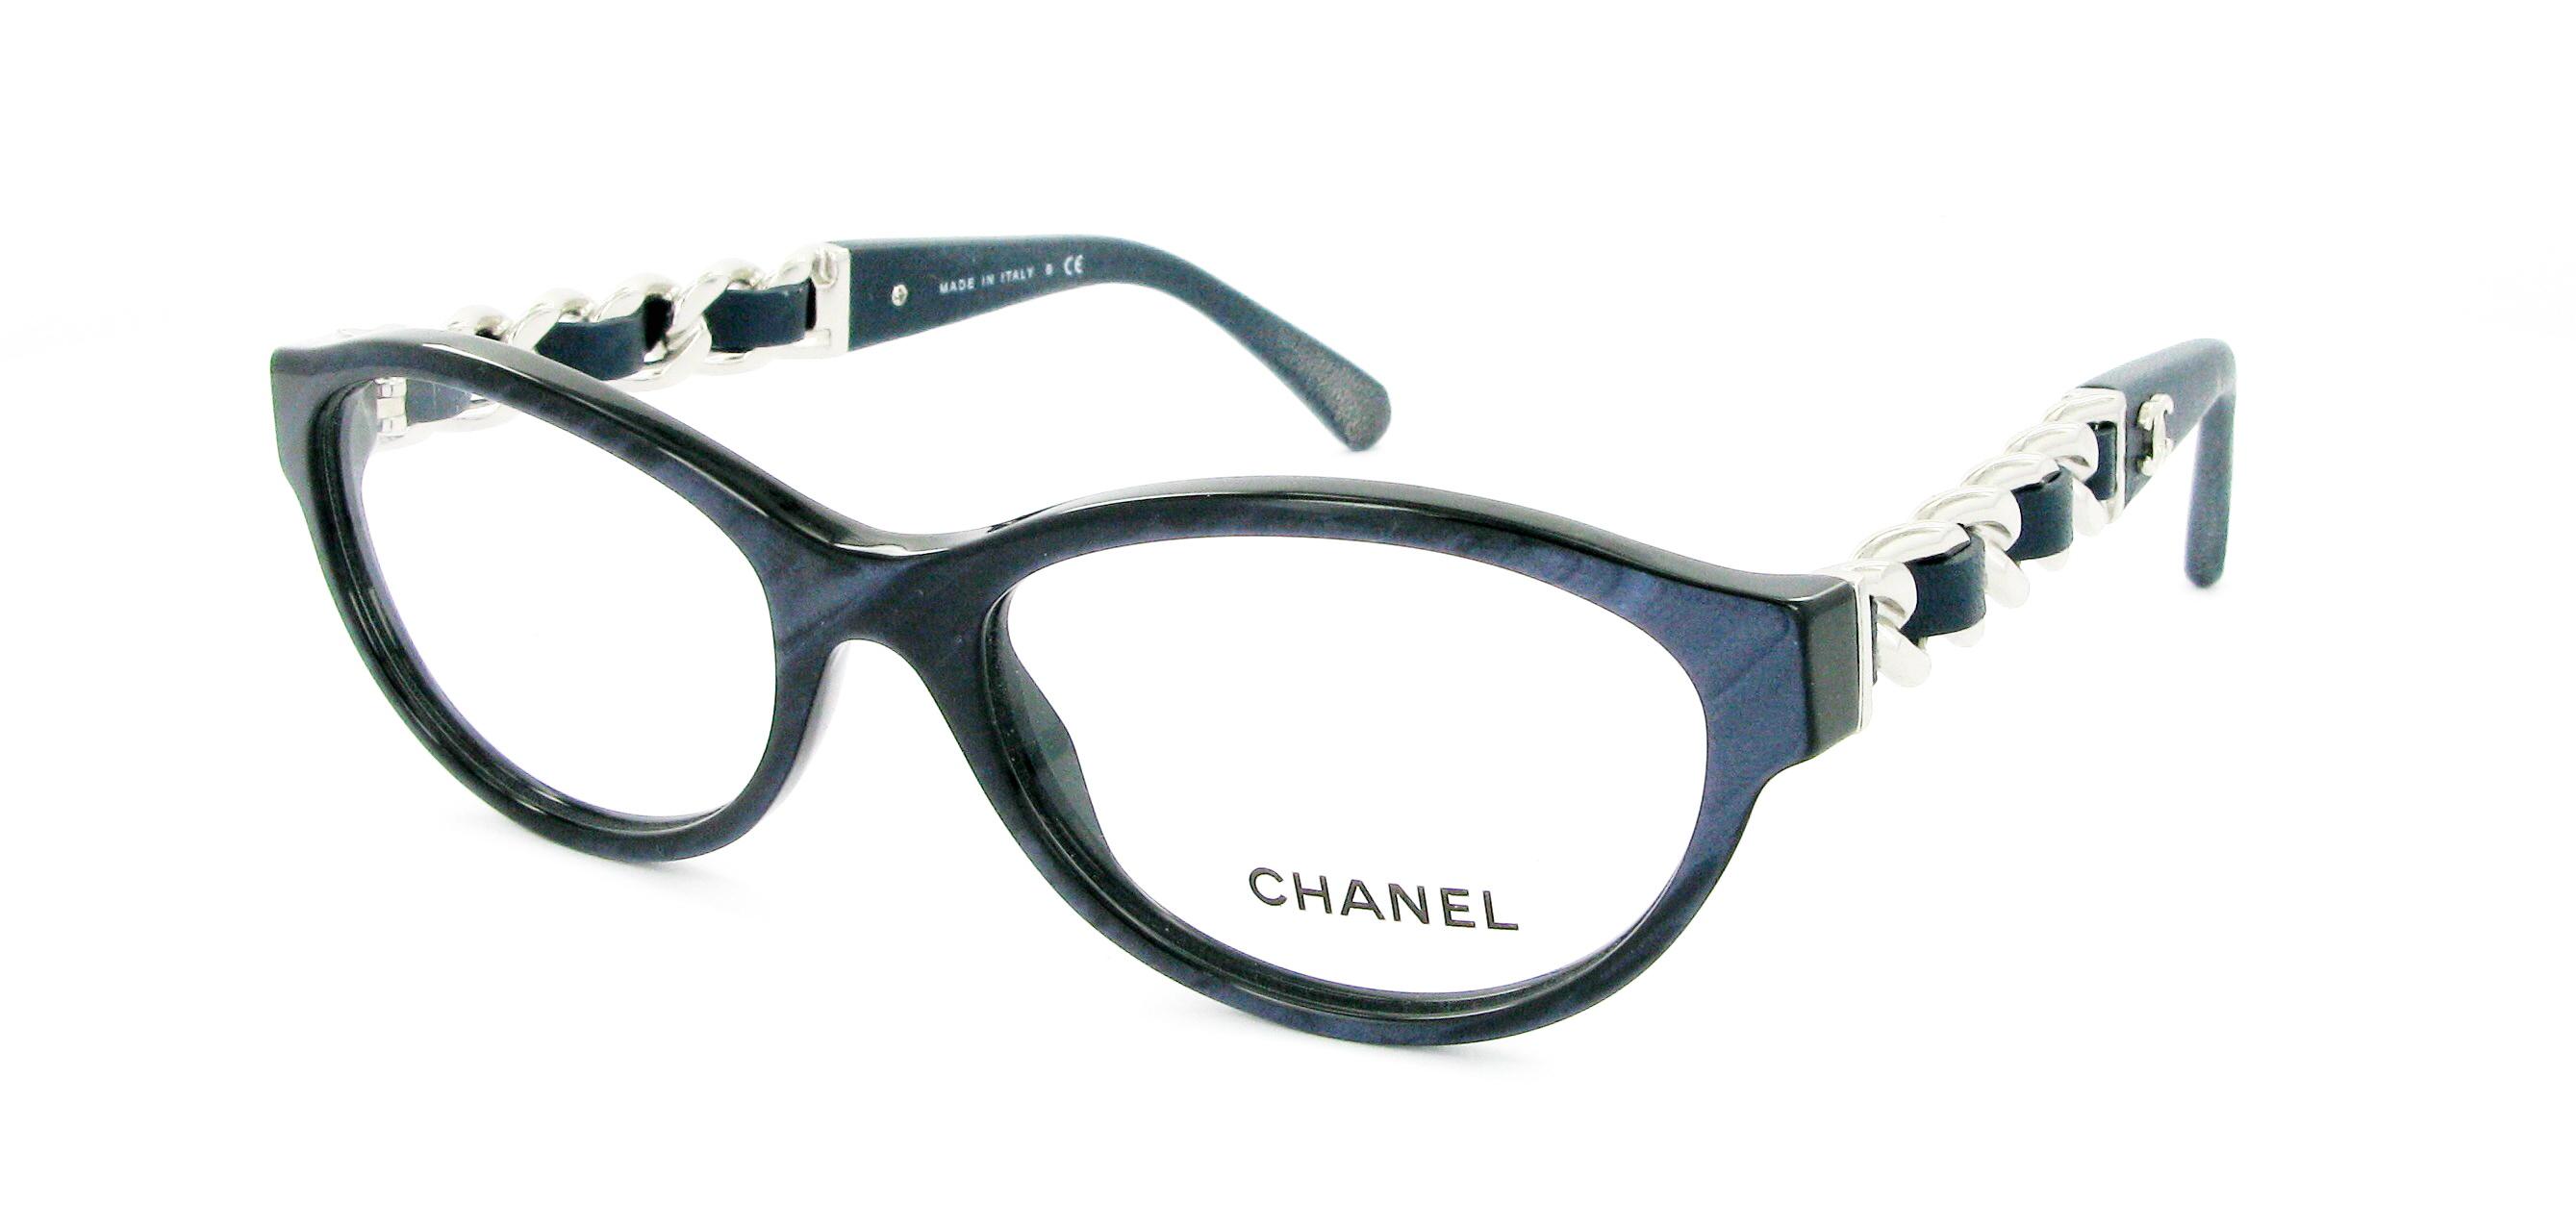 Lunettes De Vue Chanel Optic 2000 « Heritage Malta a7f3775d413